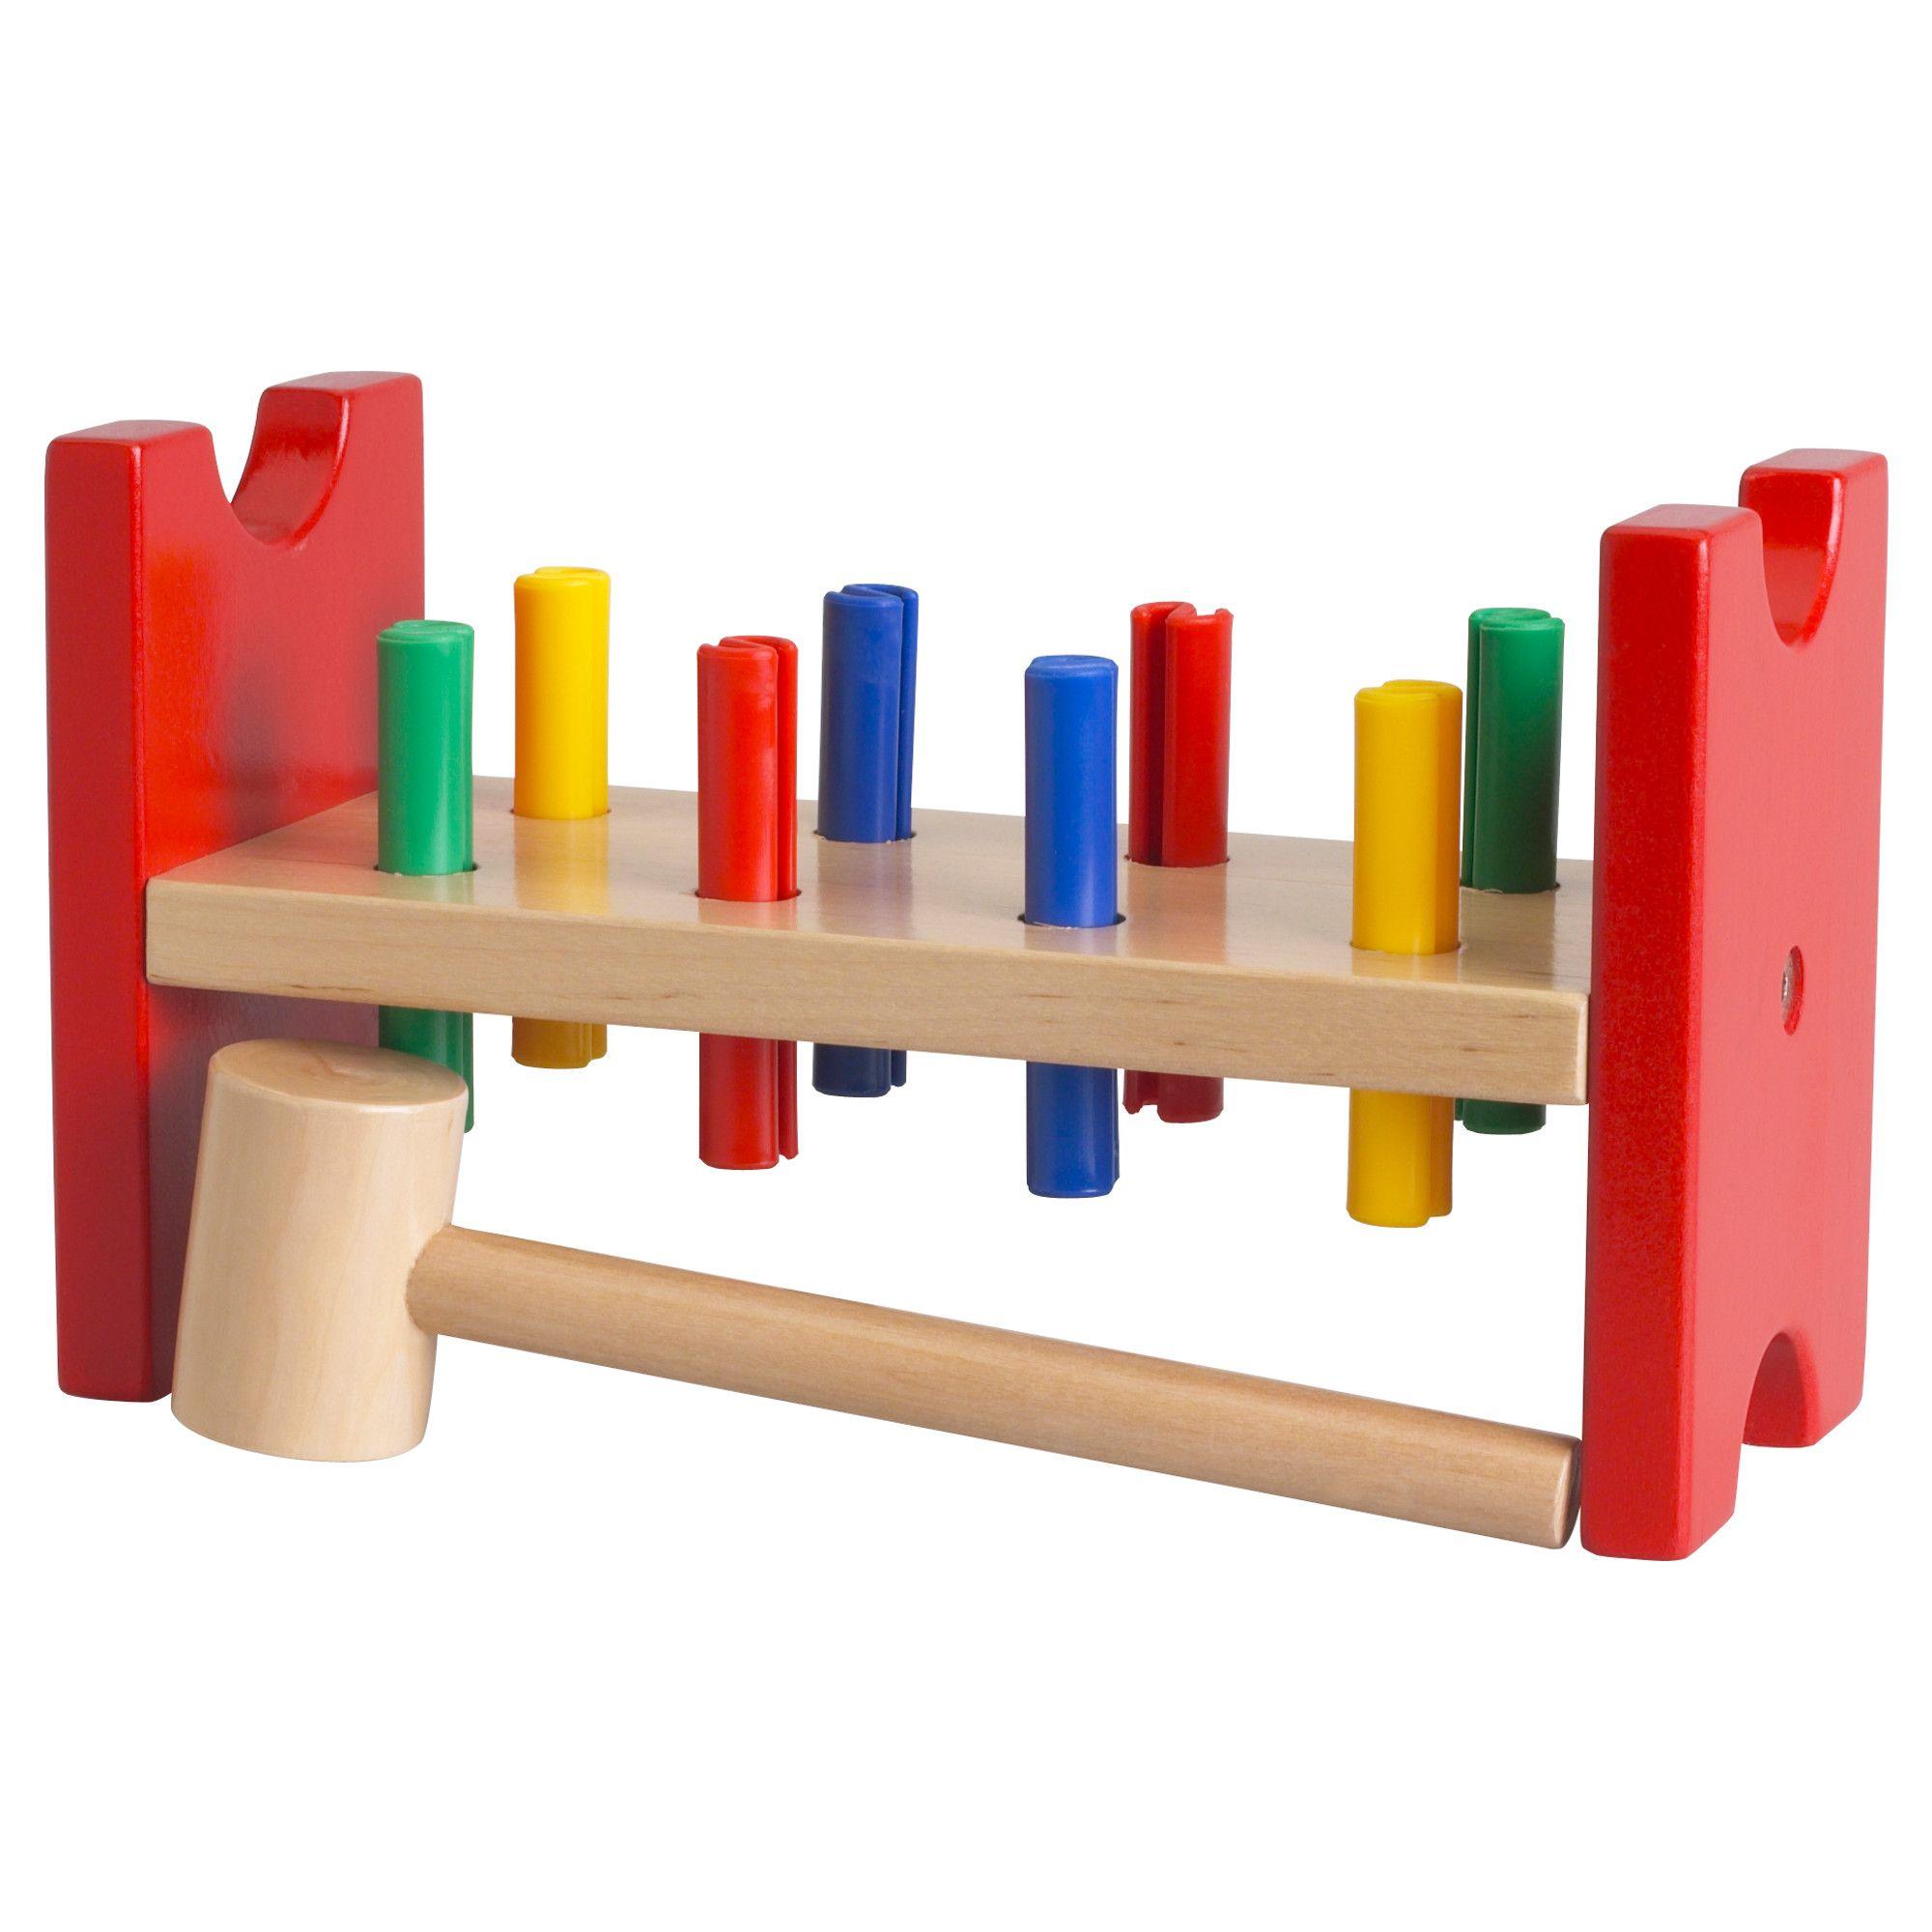 mula planche clous et marteau ikea id es de cadeaux enfants entre 18 24 mois. Black Bedroom Furniture Sets. Home Design Ideas